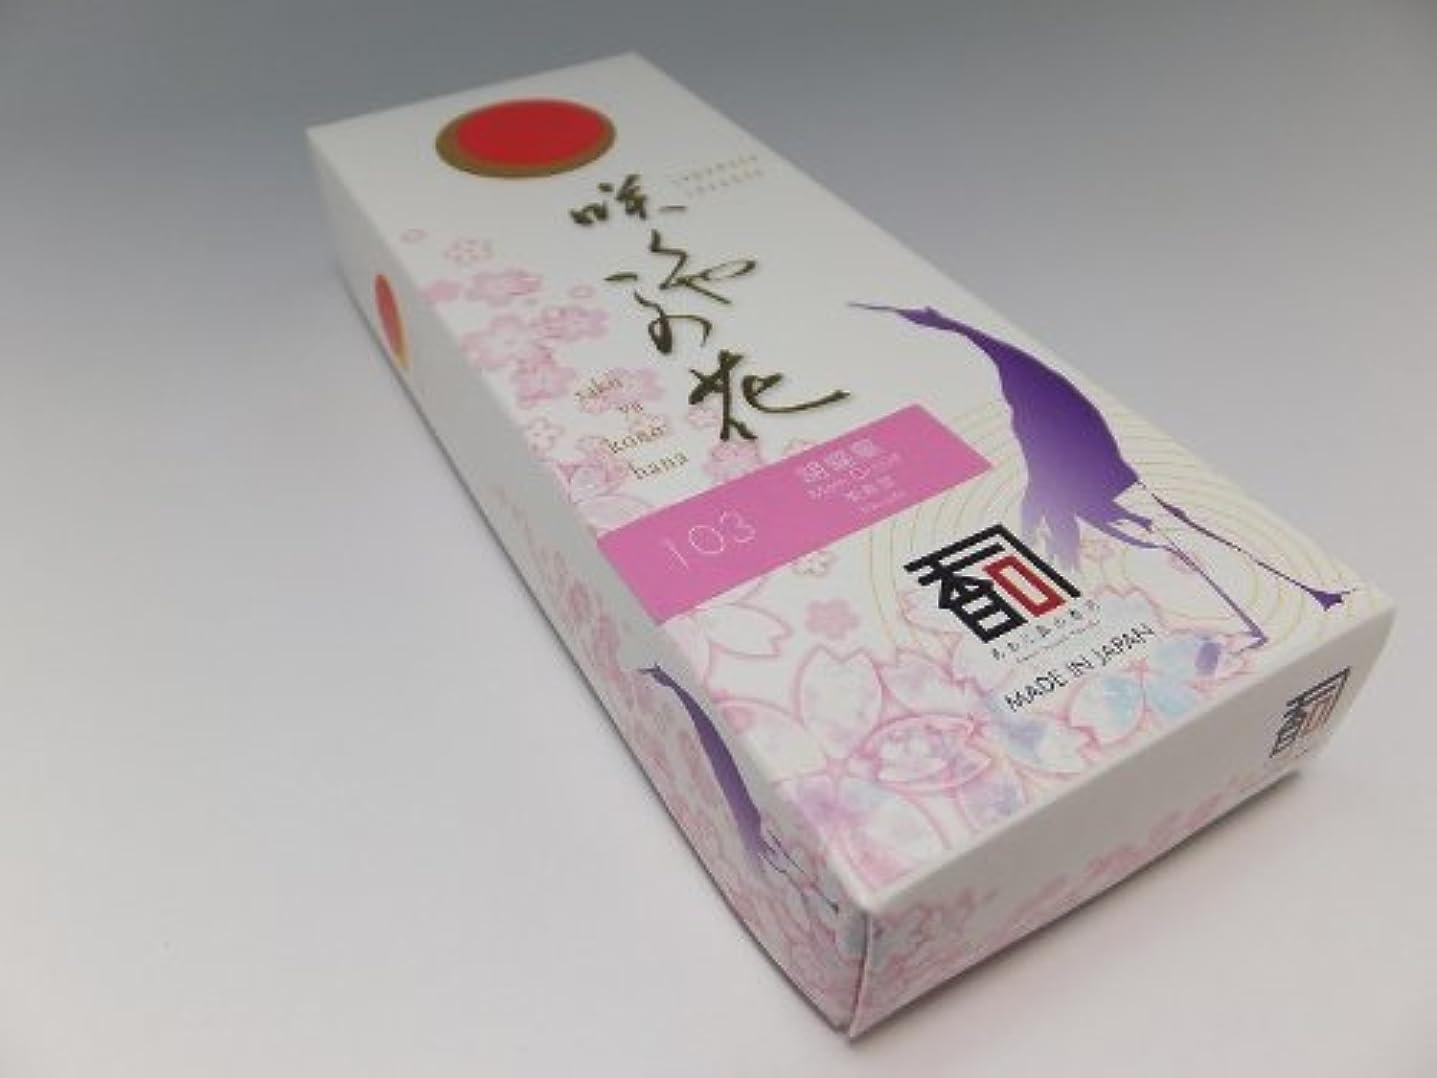 マウスピース霜送金「あわじ島の香司」 日本の香りシリーズ  [咲くや この花] 【103】 胡蝶蘭 (有煙)